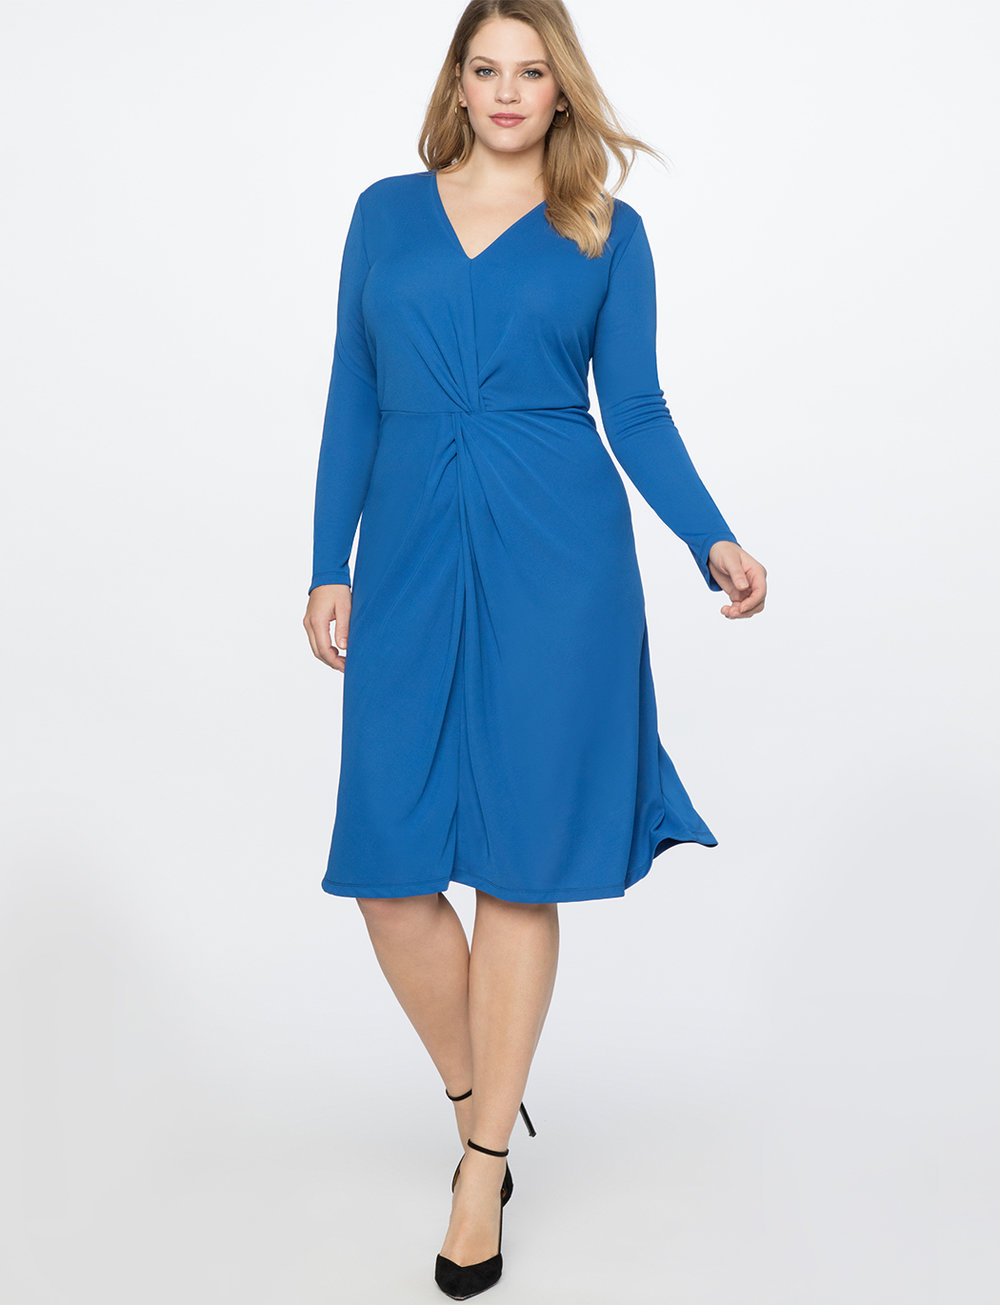 Twist Front Dress. Eloquii. $99.